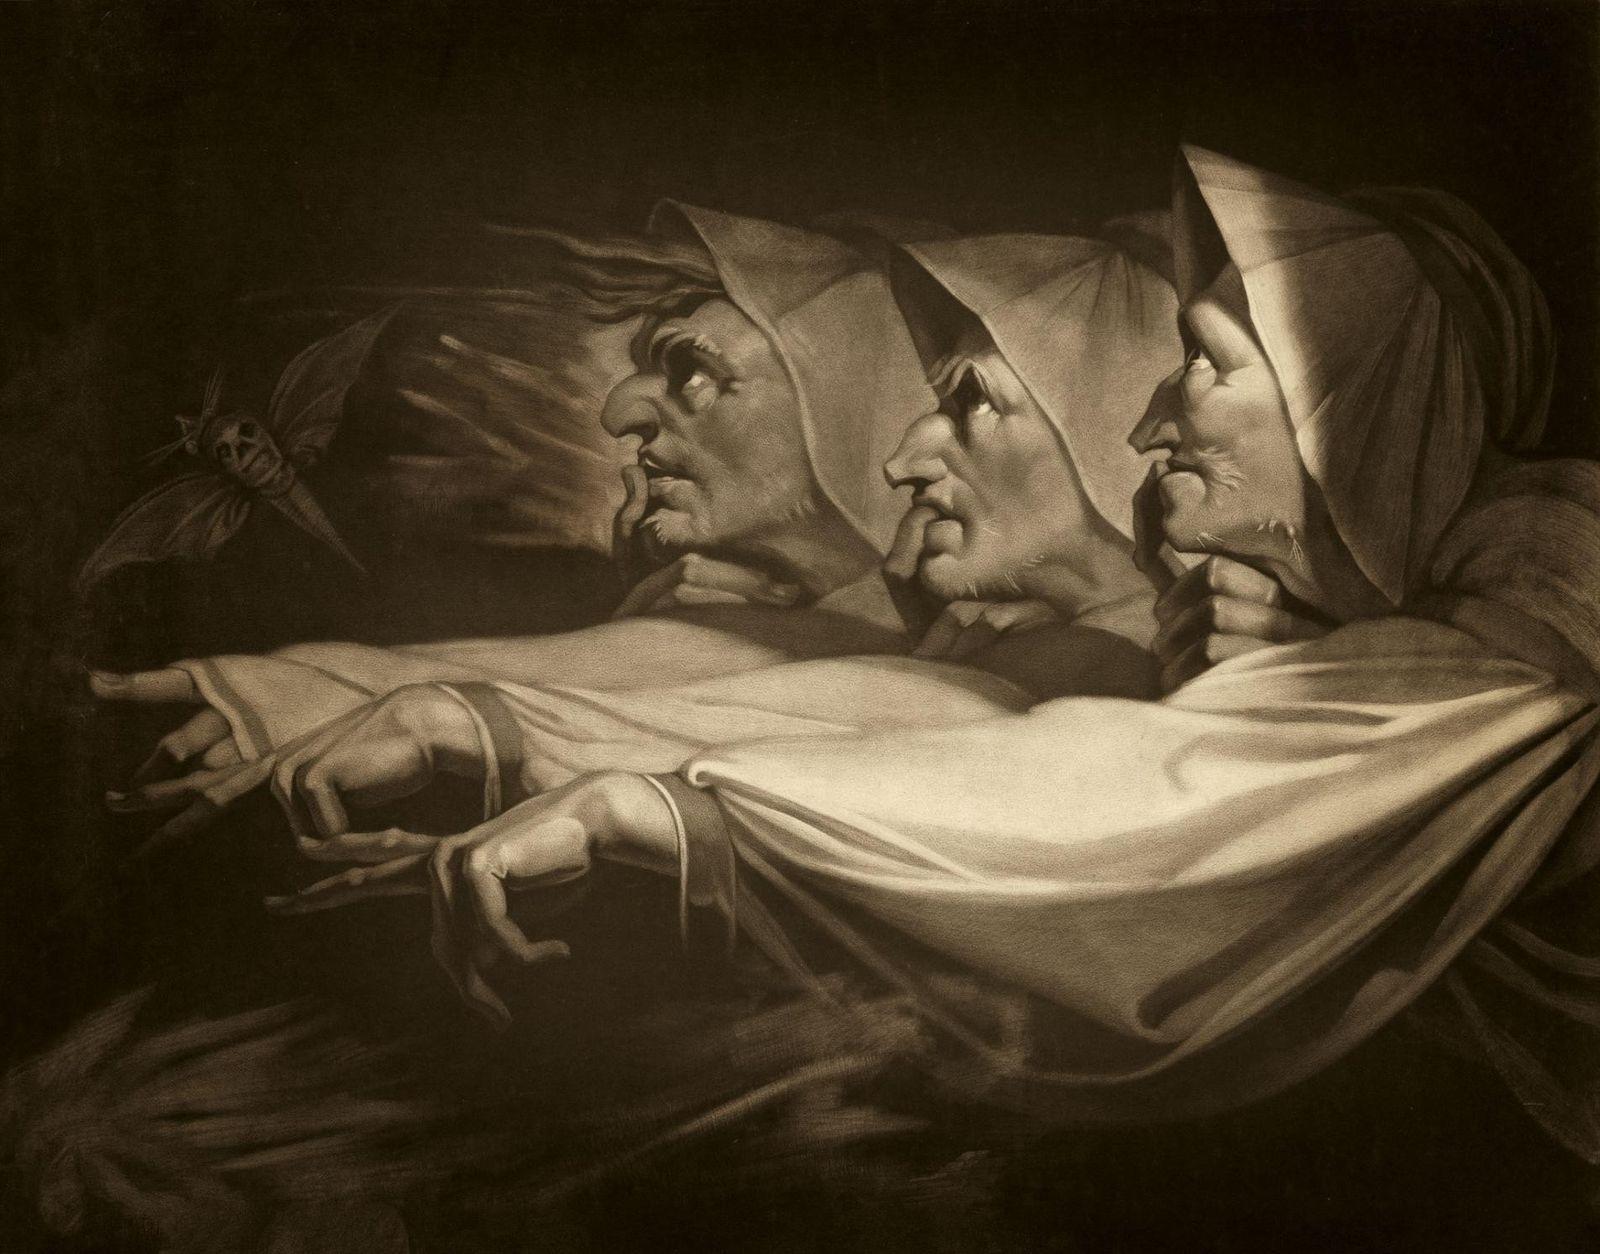 Comment l'esclavage a contribué à l'essor de la sorcellerie